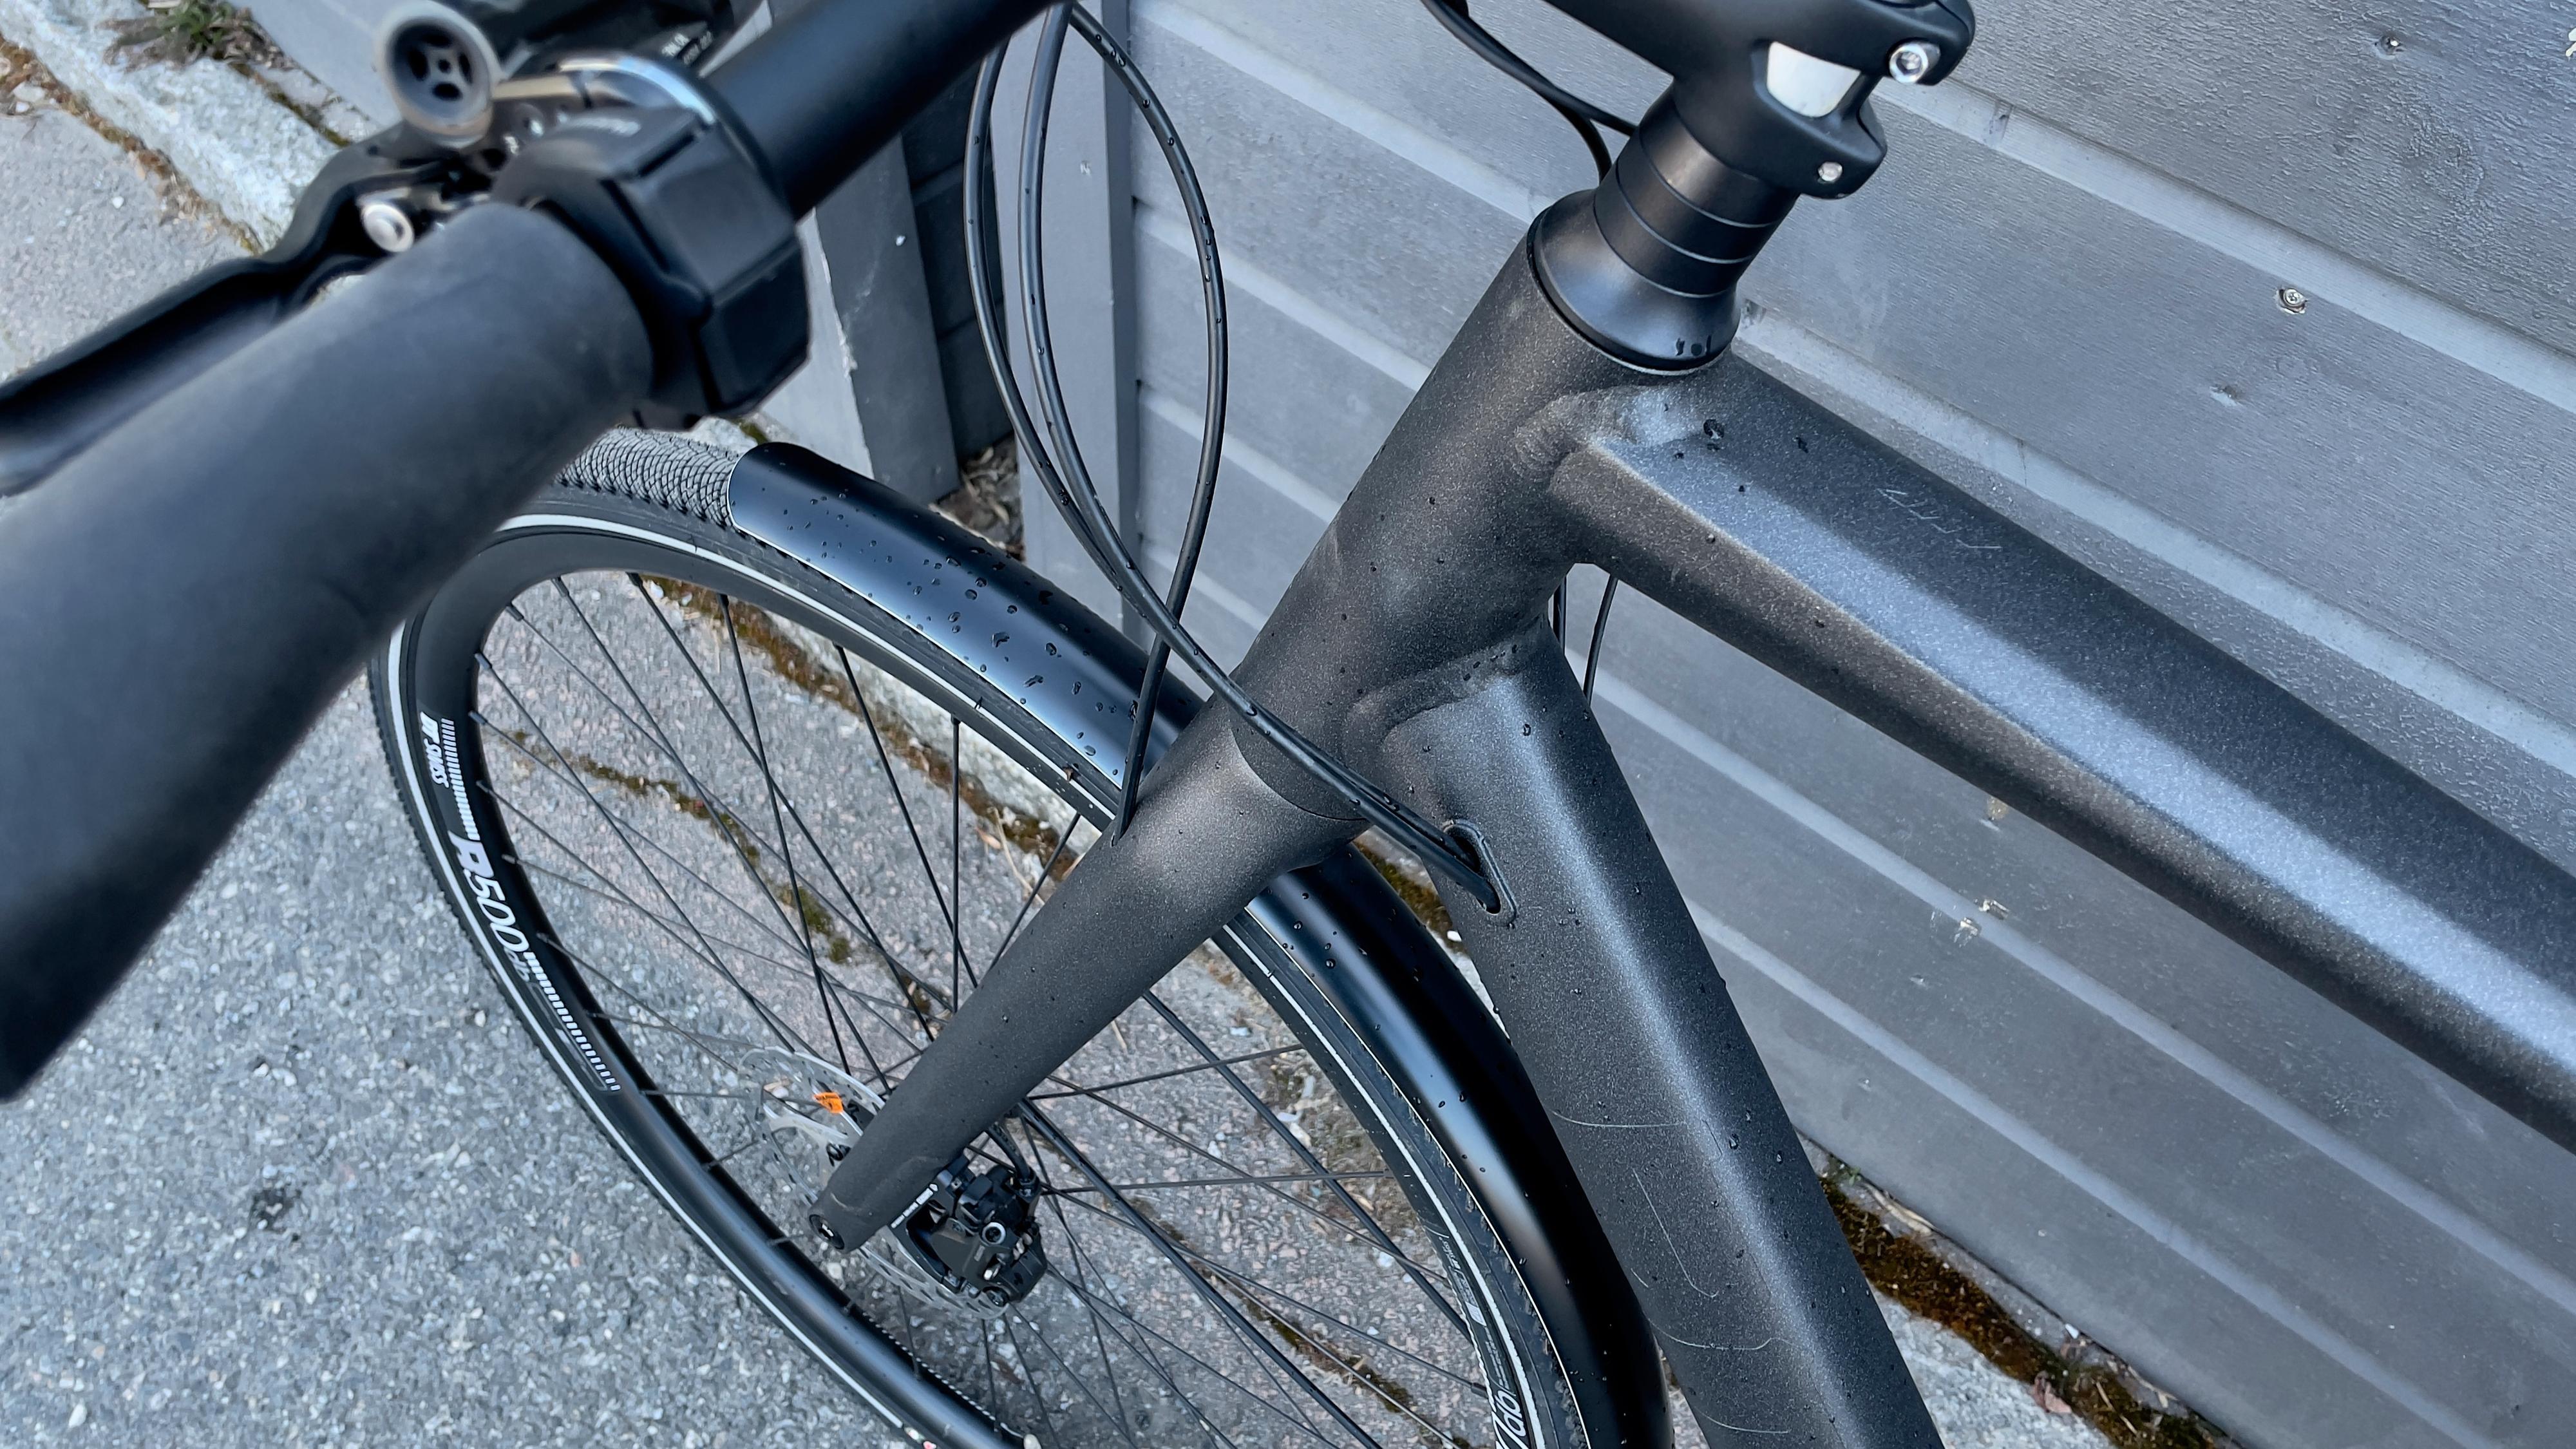 De få vaierne og slangene på sykkelen gjemmes effektivt inne i ramme og gaffel.